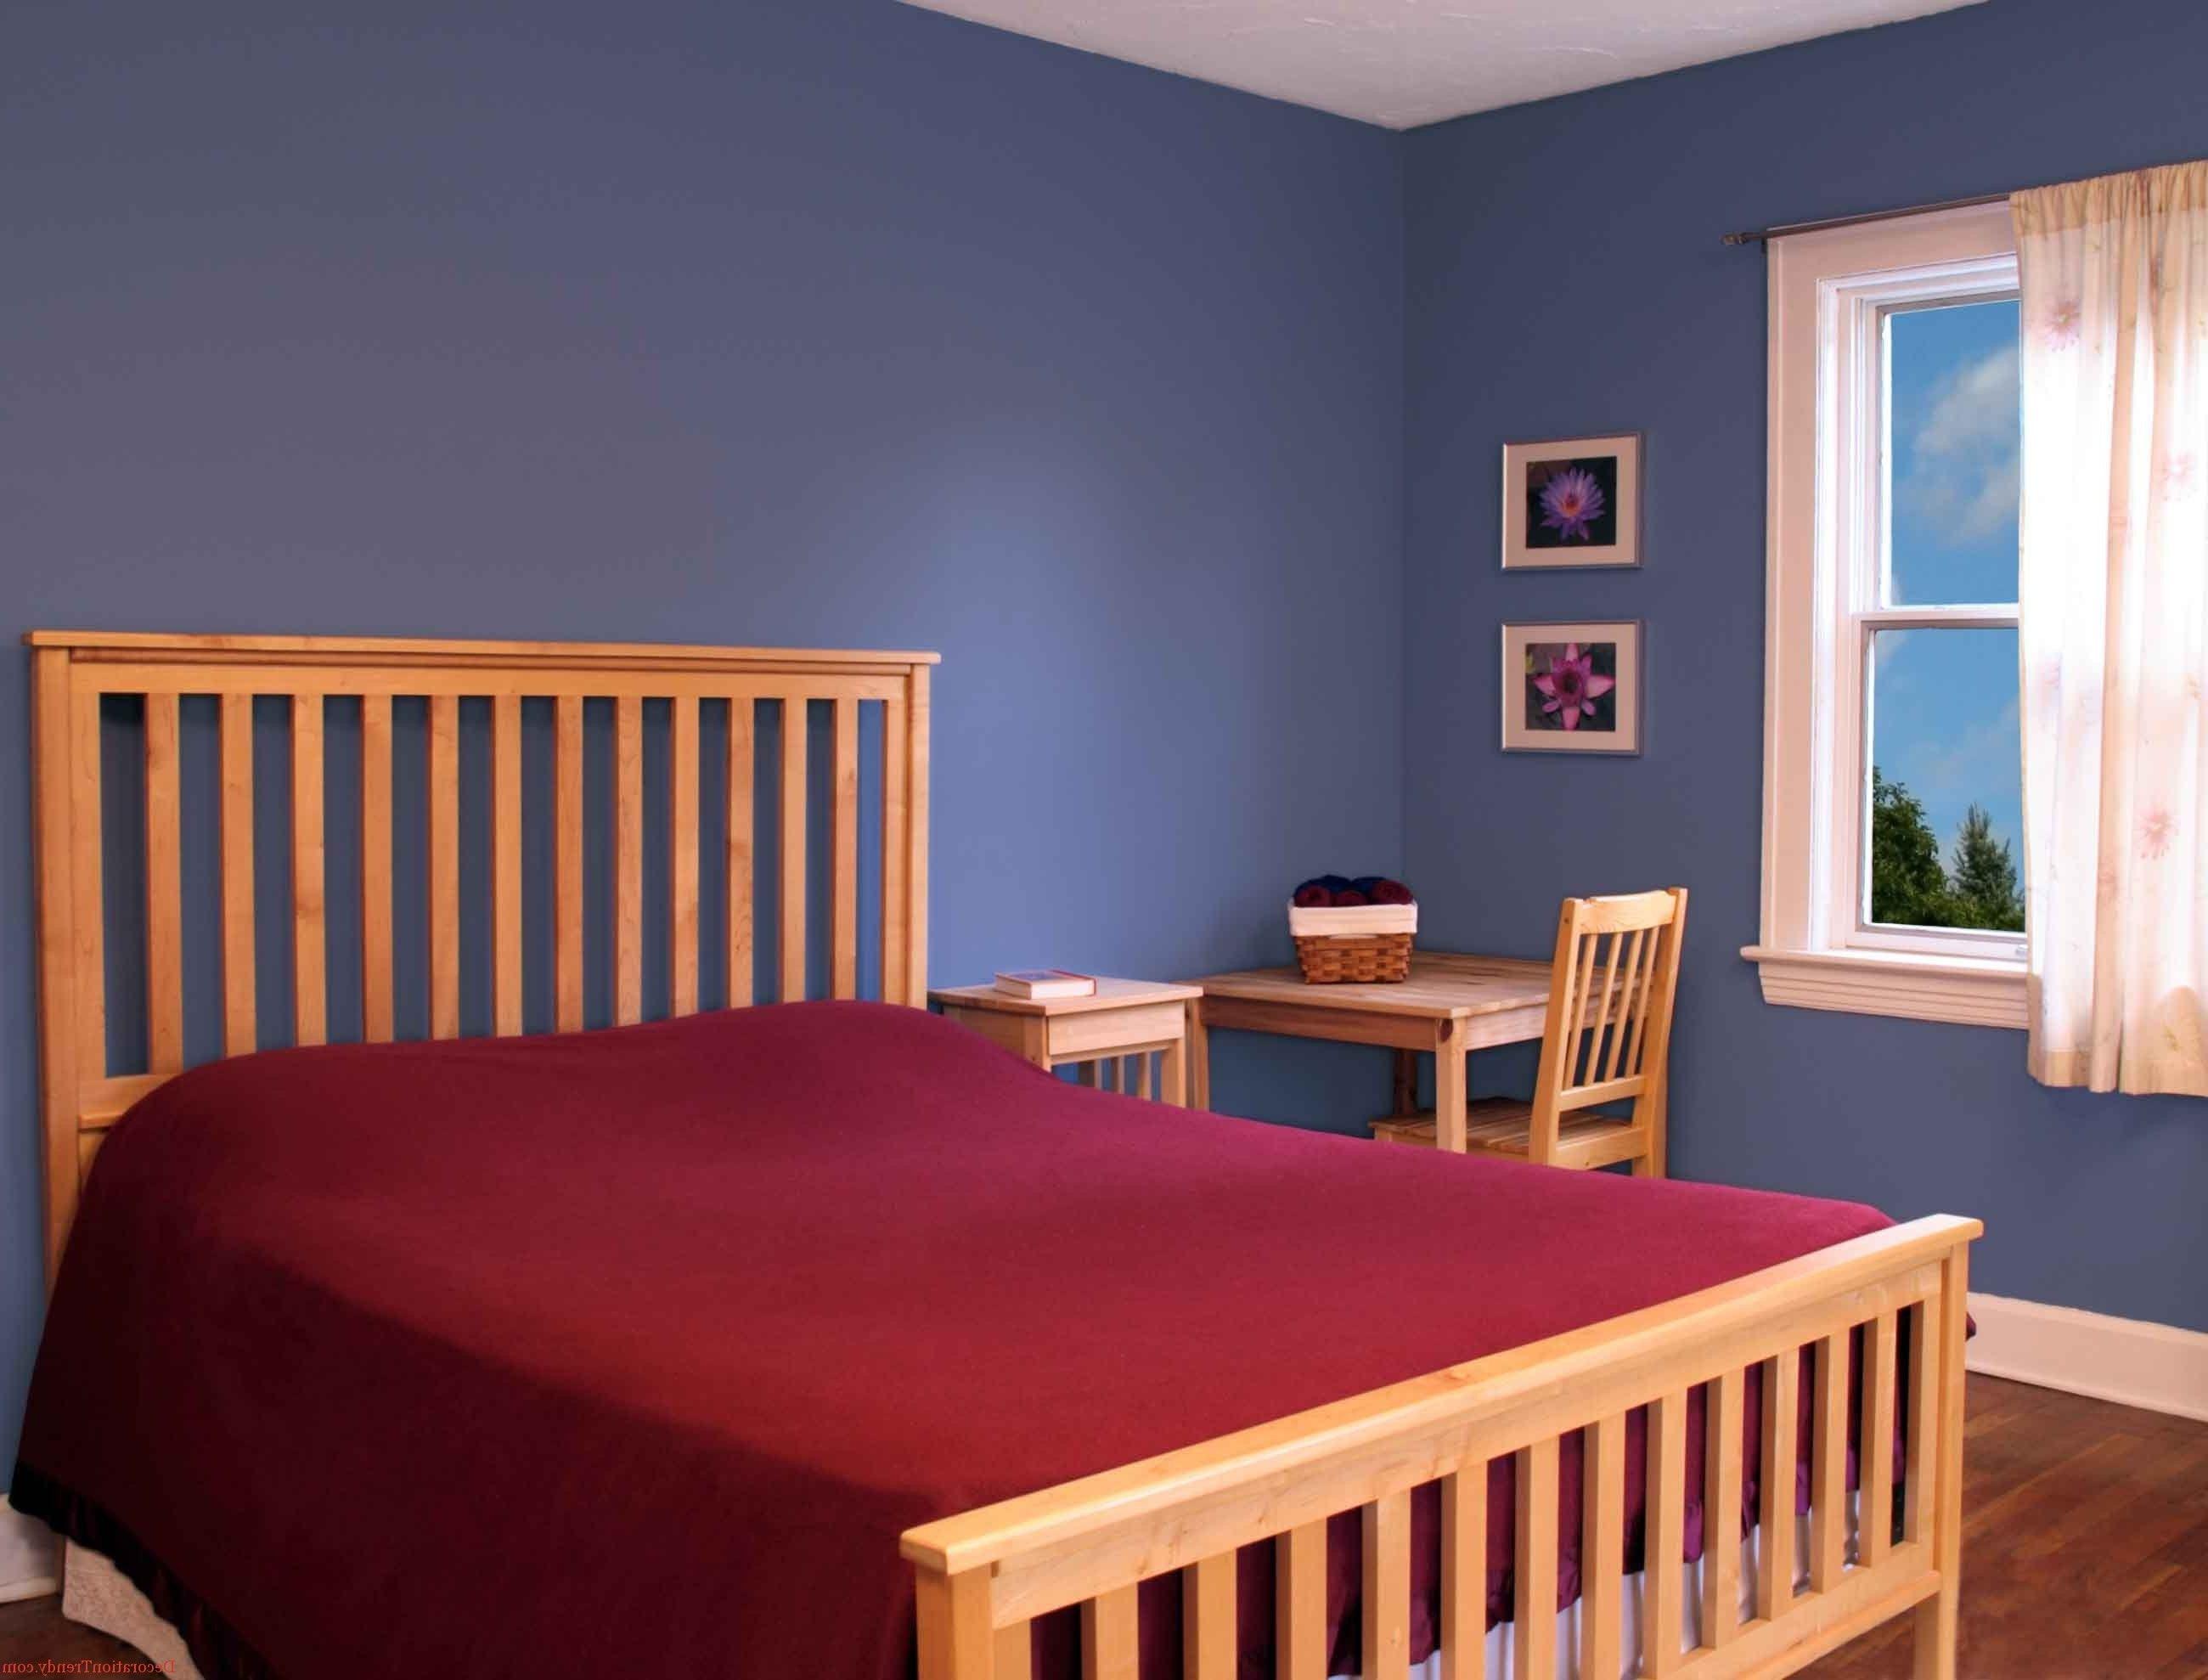 Eine Gute Farbe Zu Malen Schlafzimmer (mit Bildern